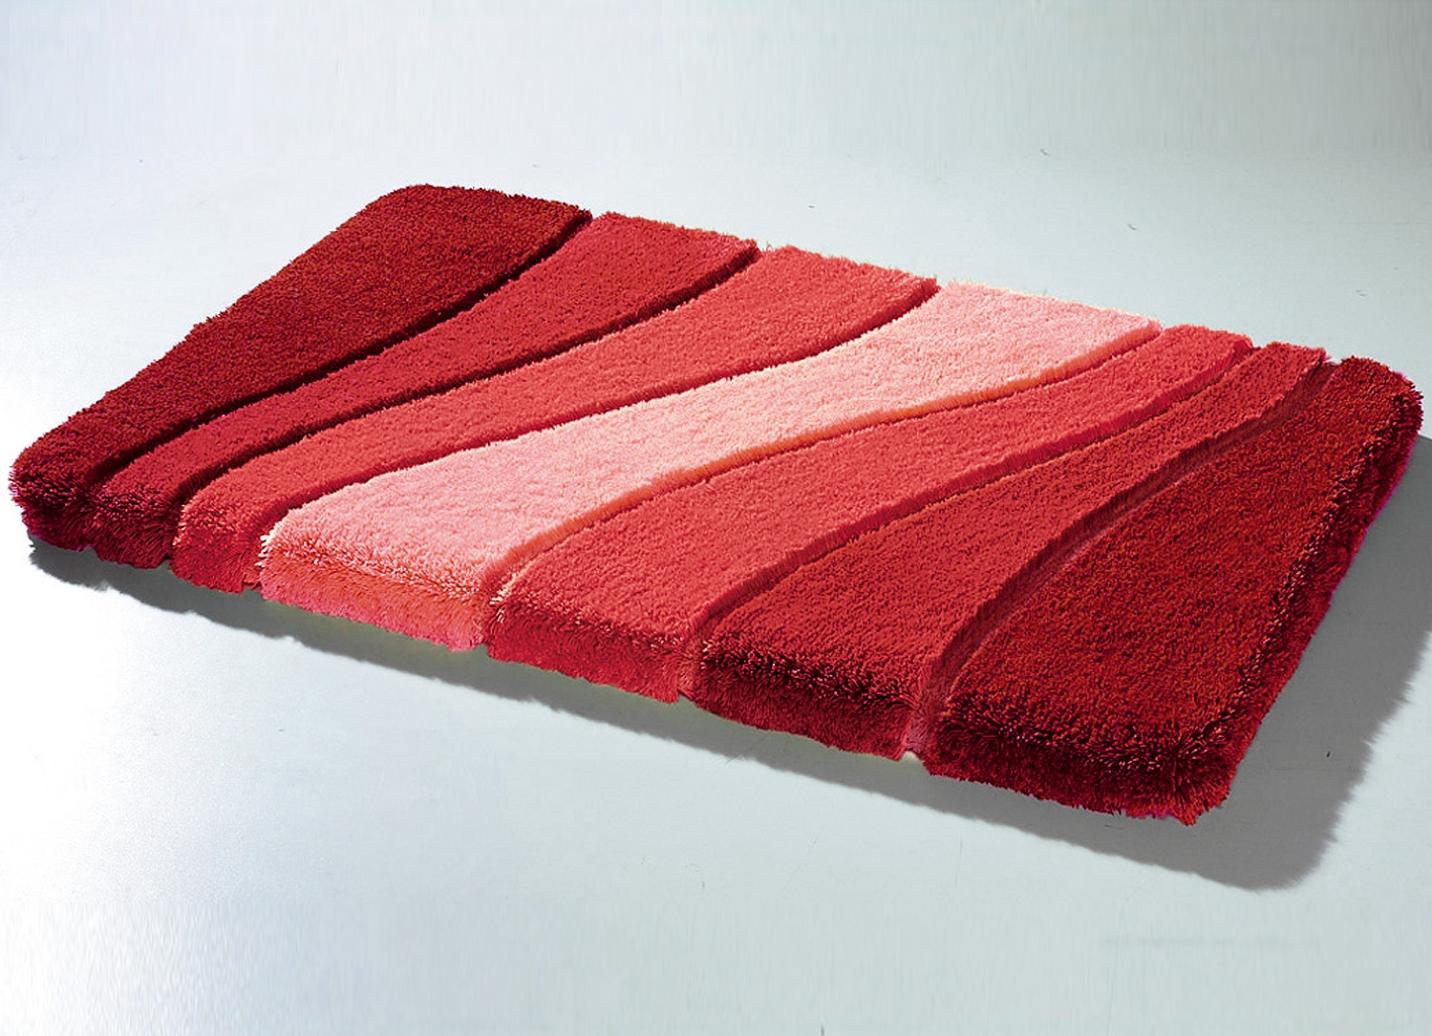 meusch badgarnitur in verschiedenen farben. Black Bedroom Furniture Sets. Home Design Ideas